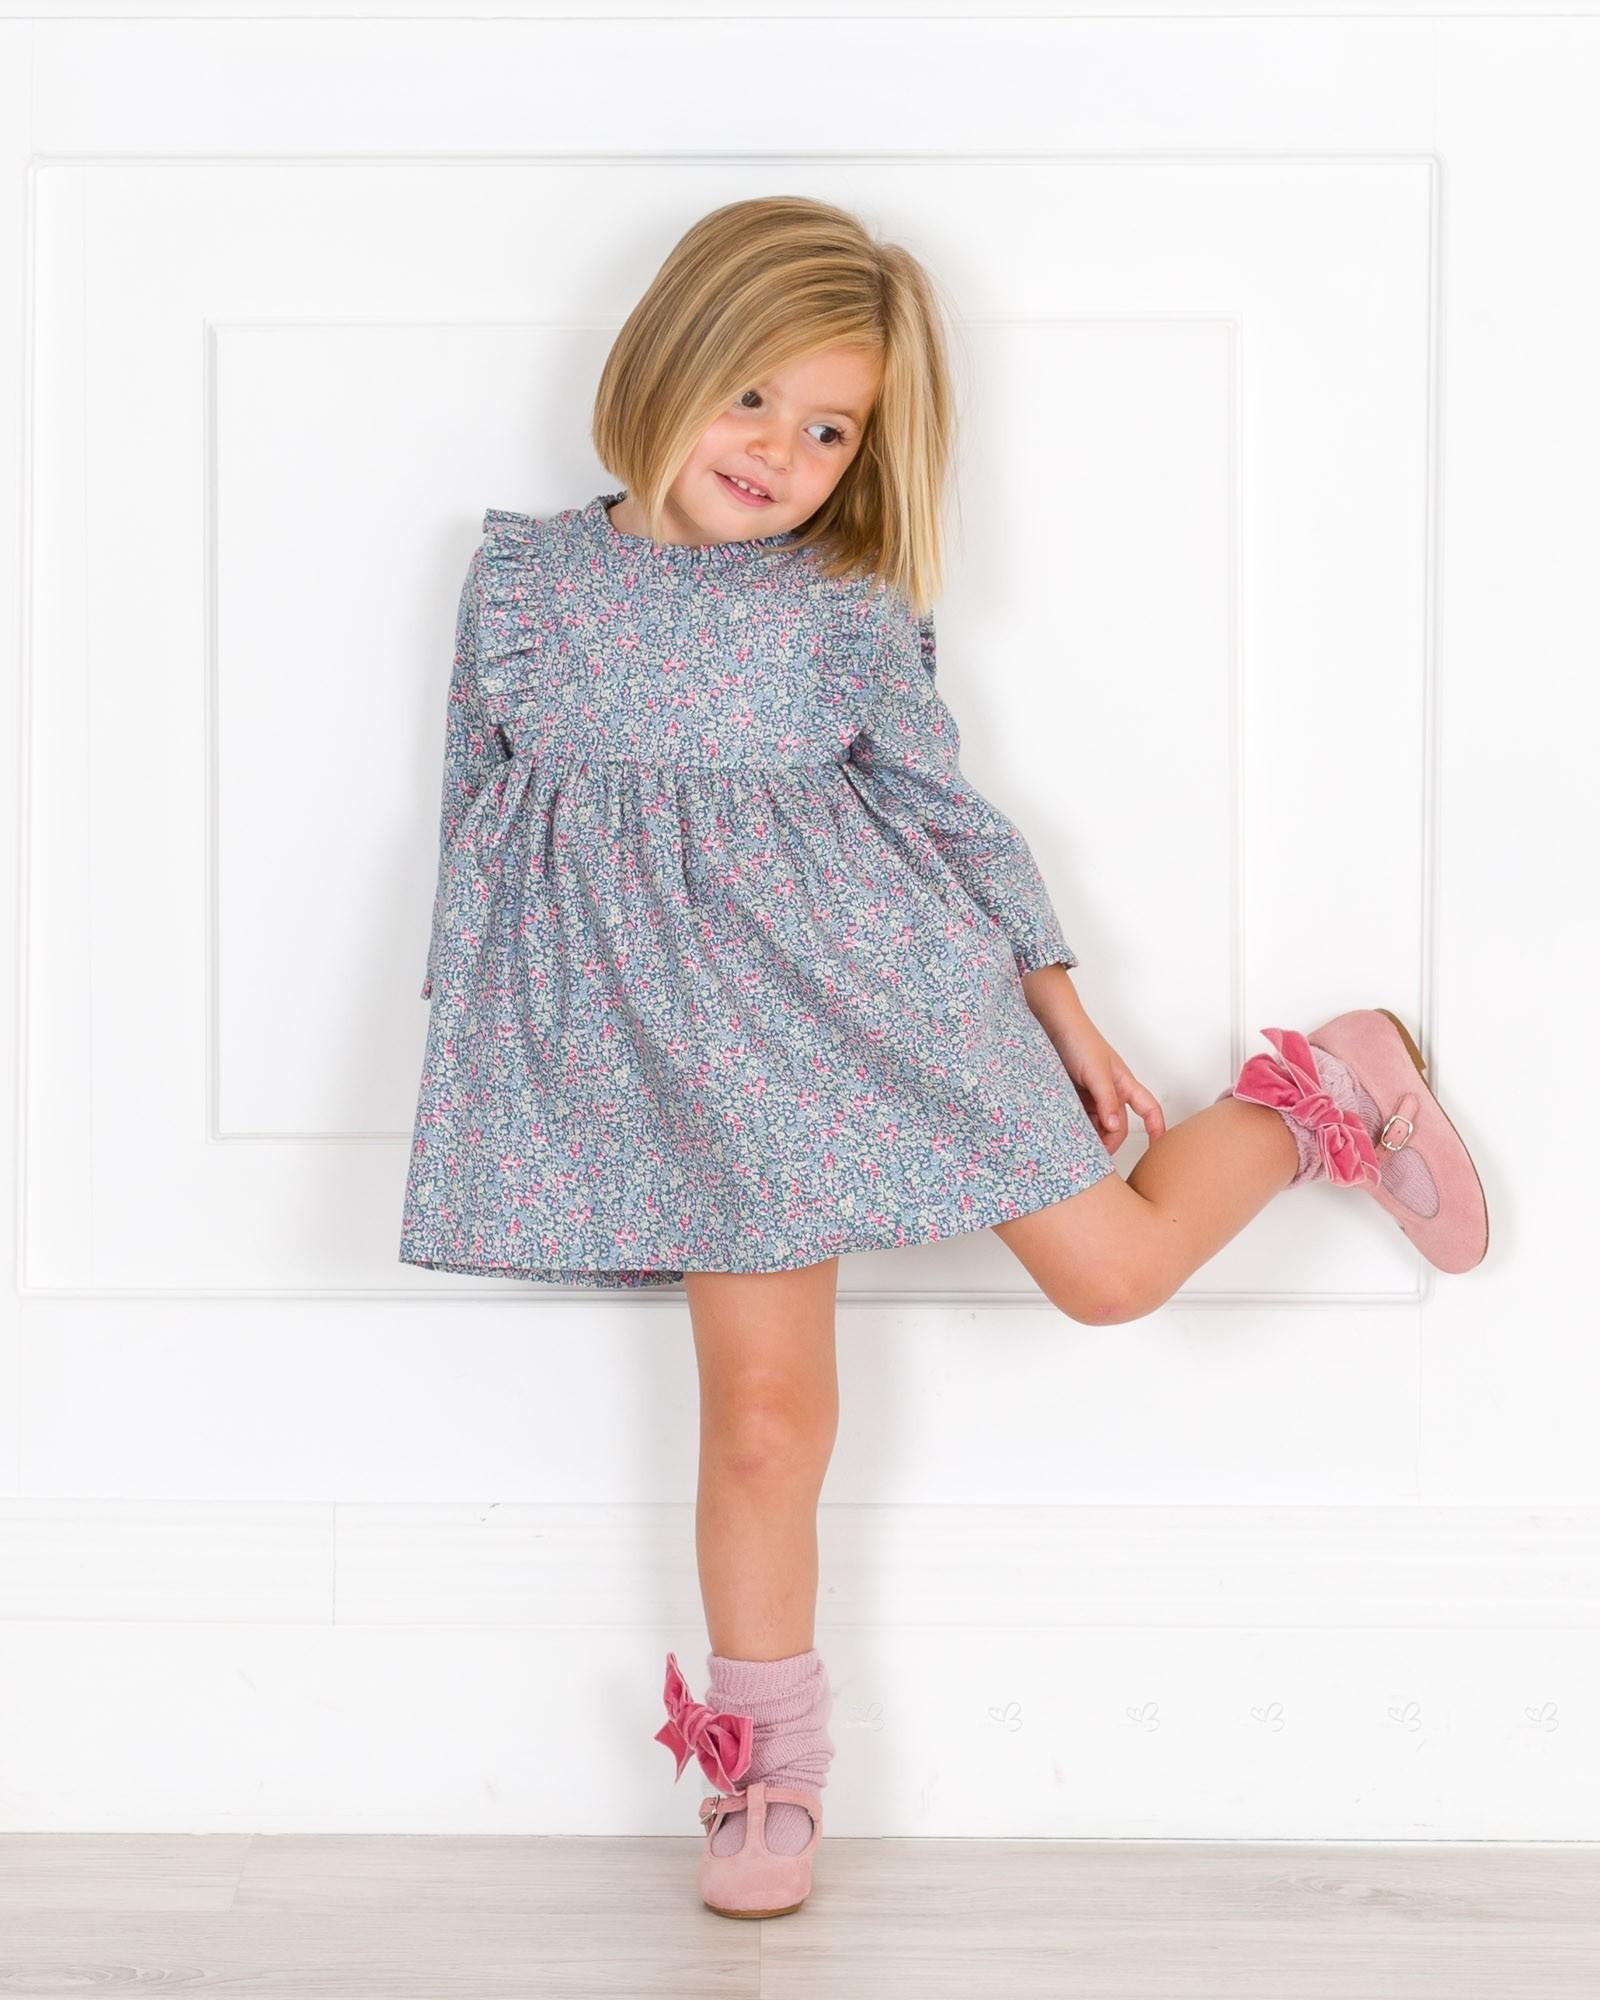 Vestido Niña Alto Rosa Liberty Talle Azulamp; Oy8nmN0wPv